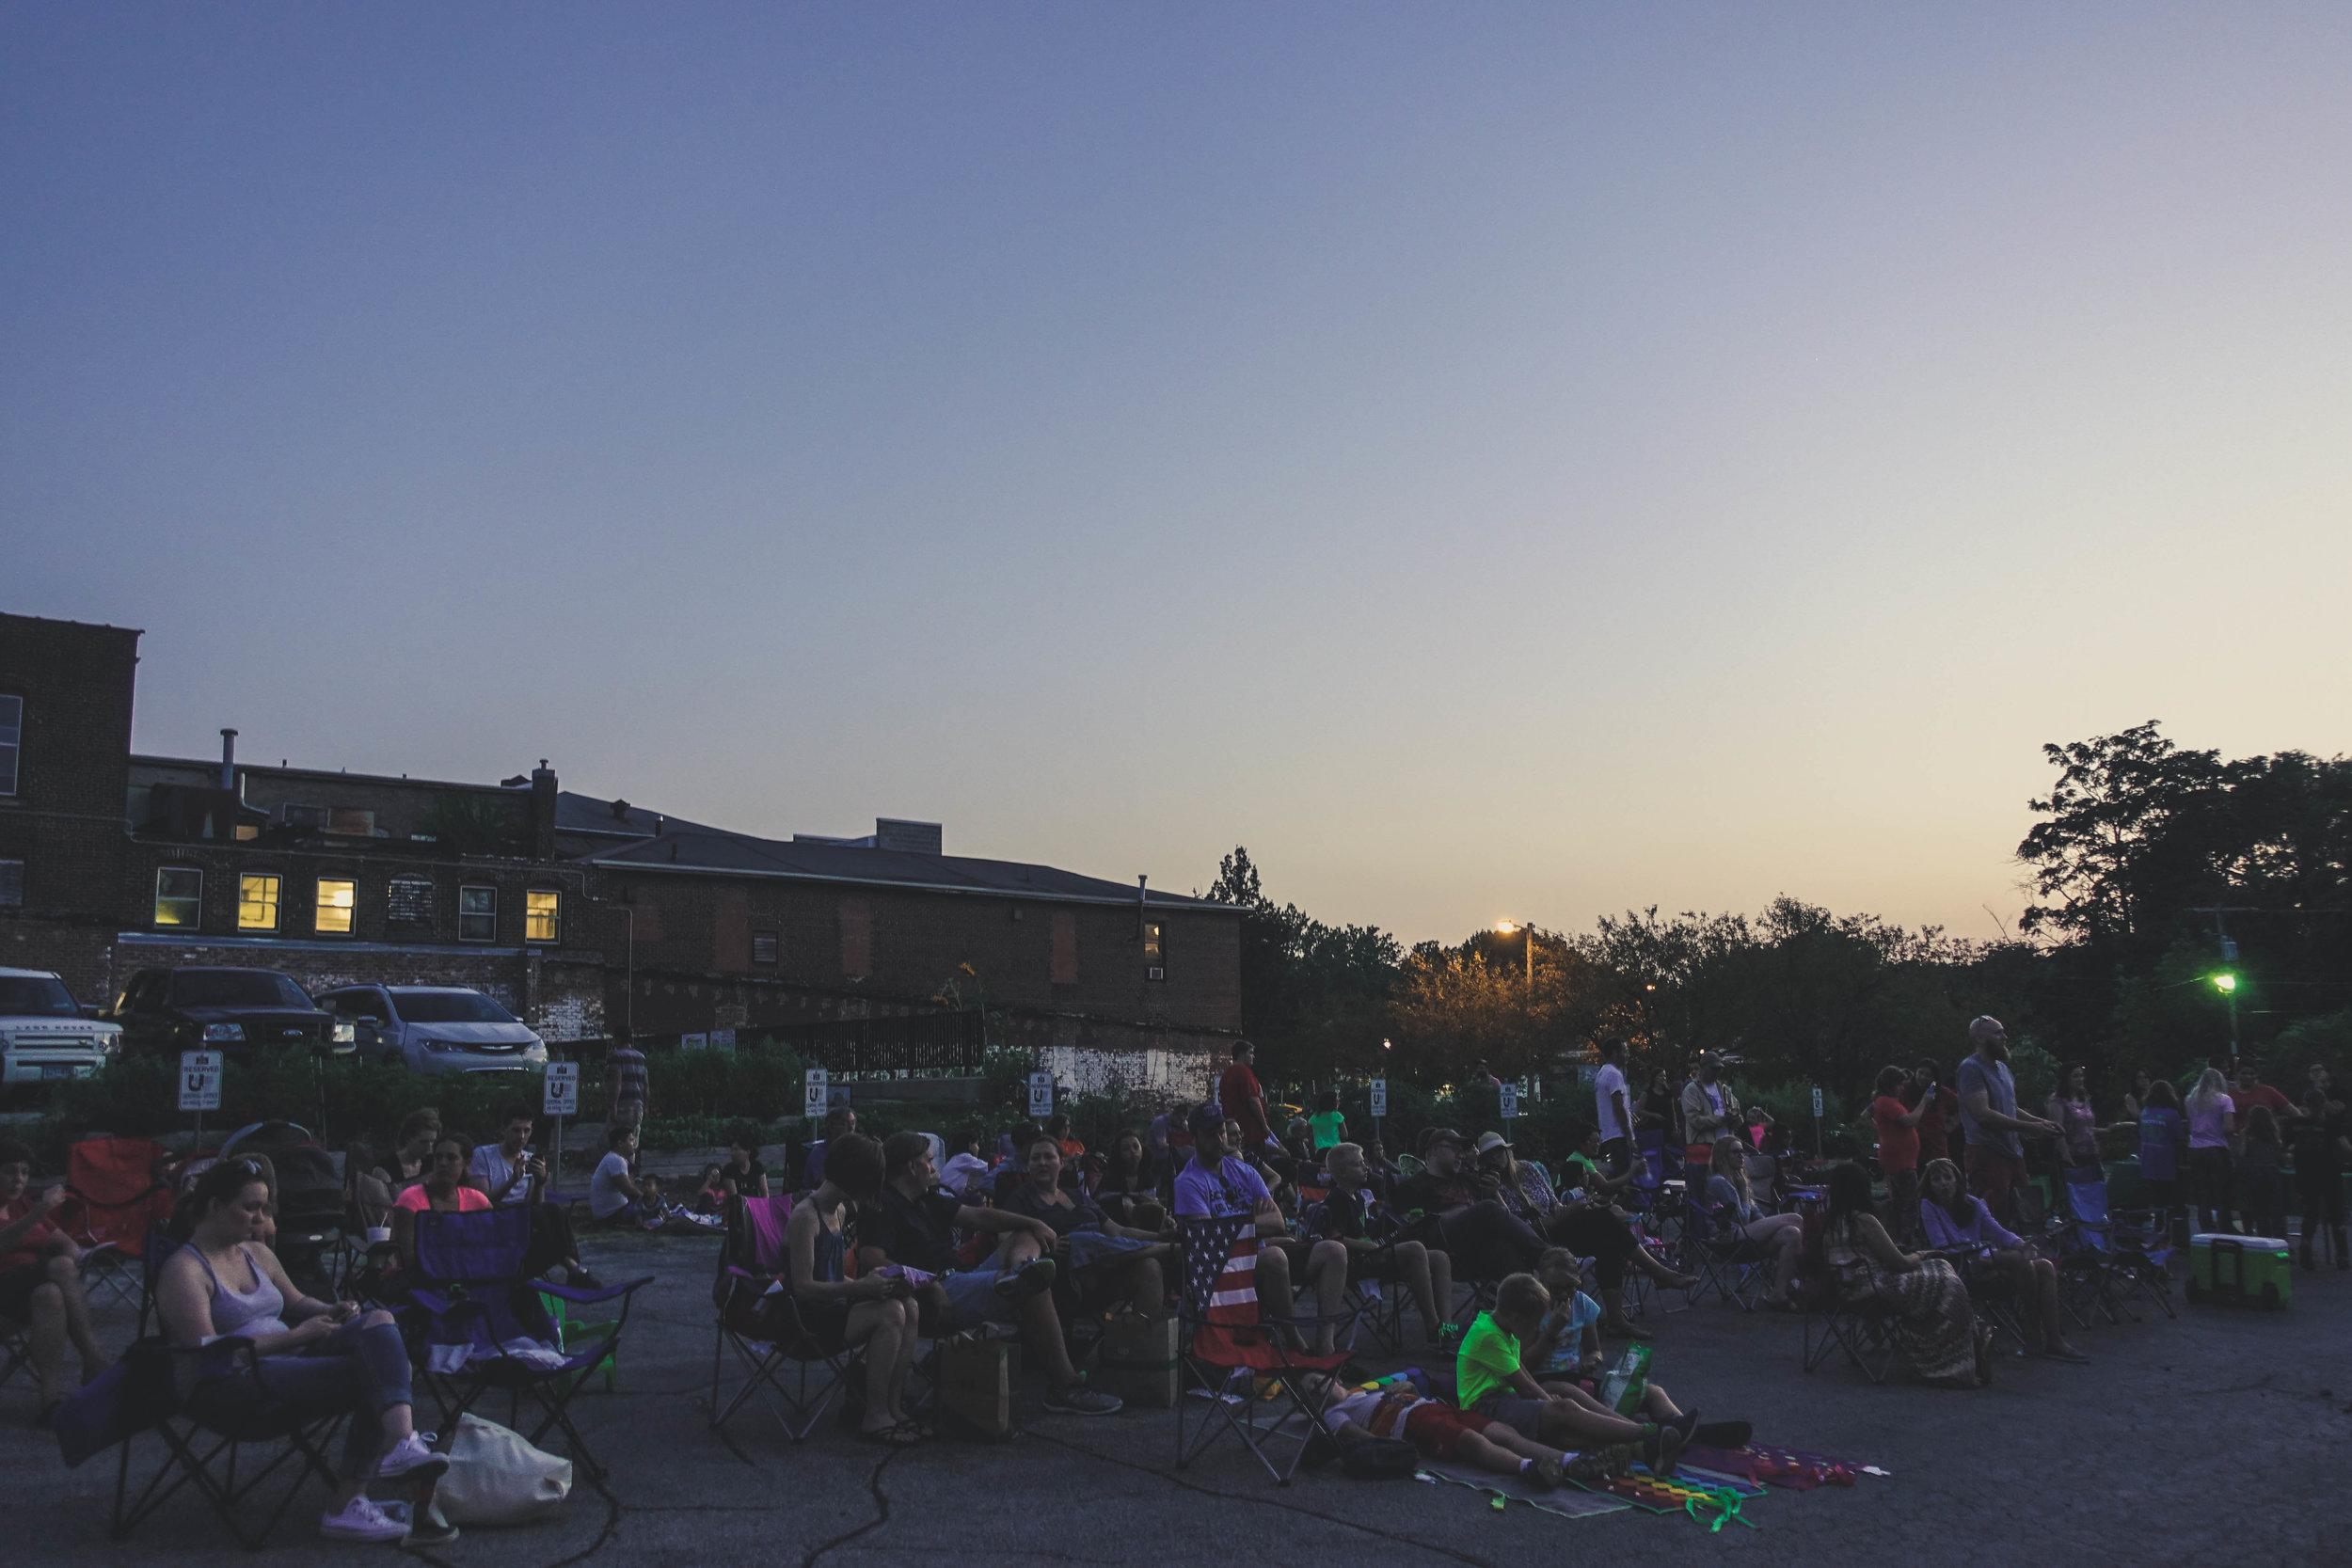 Urbanalove_Movienight_Crowd5.jpg